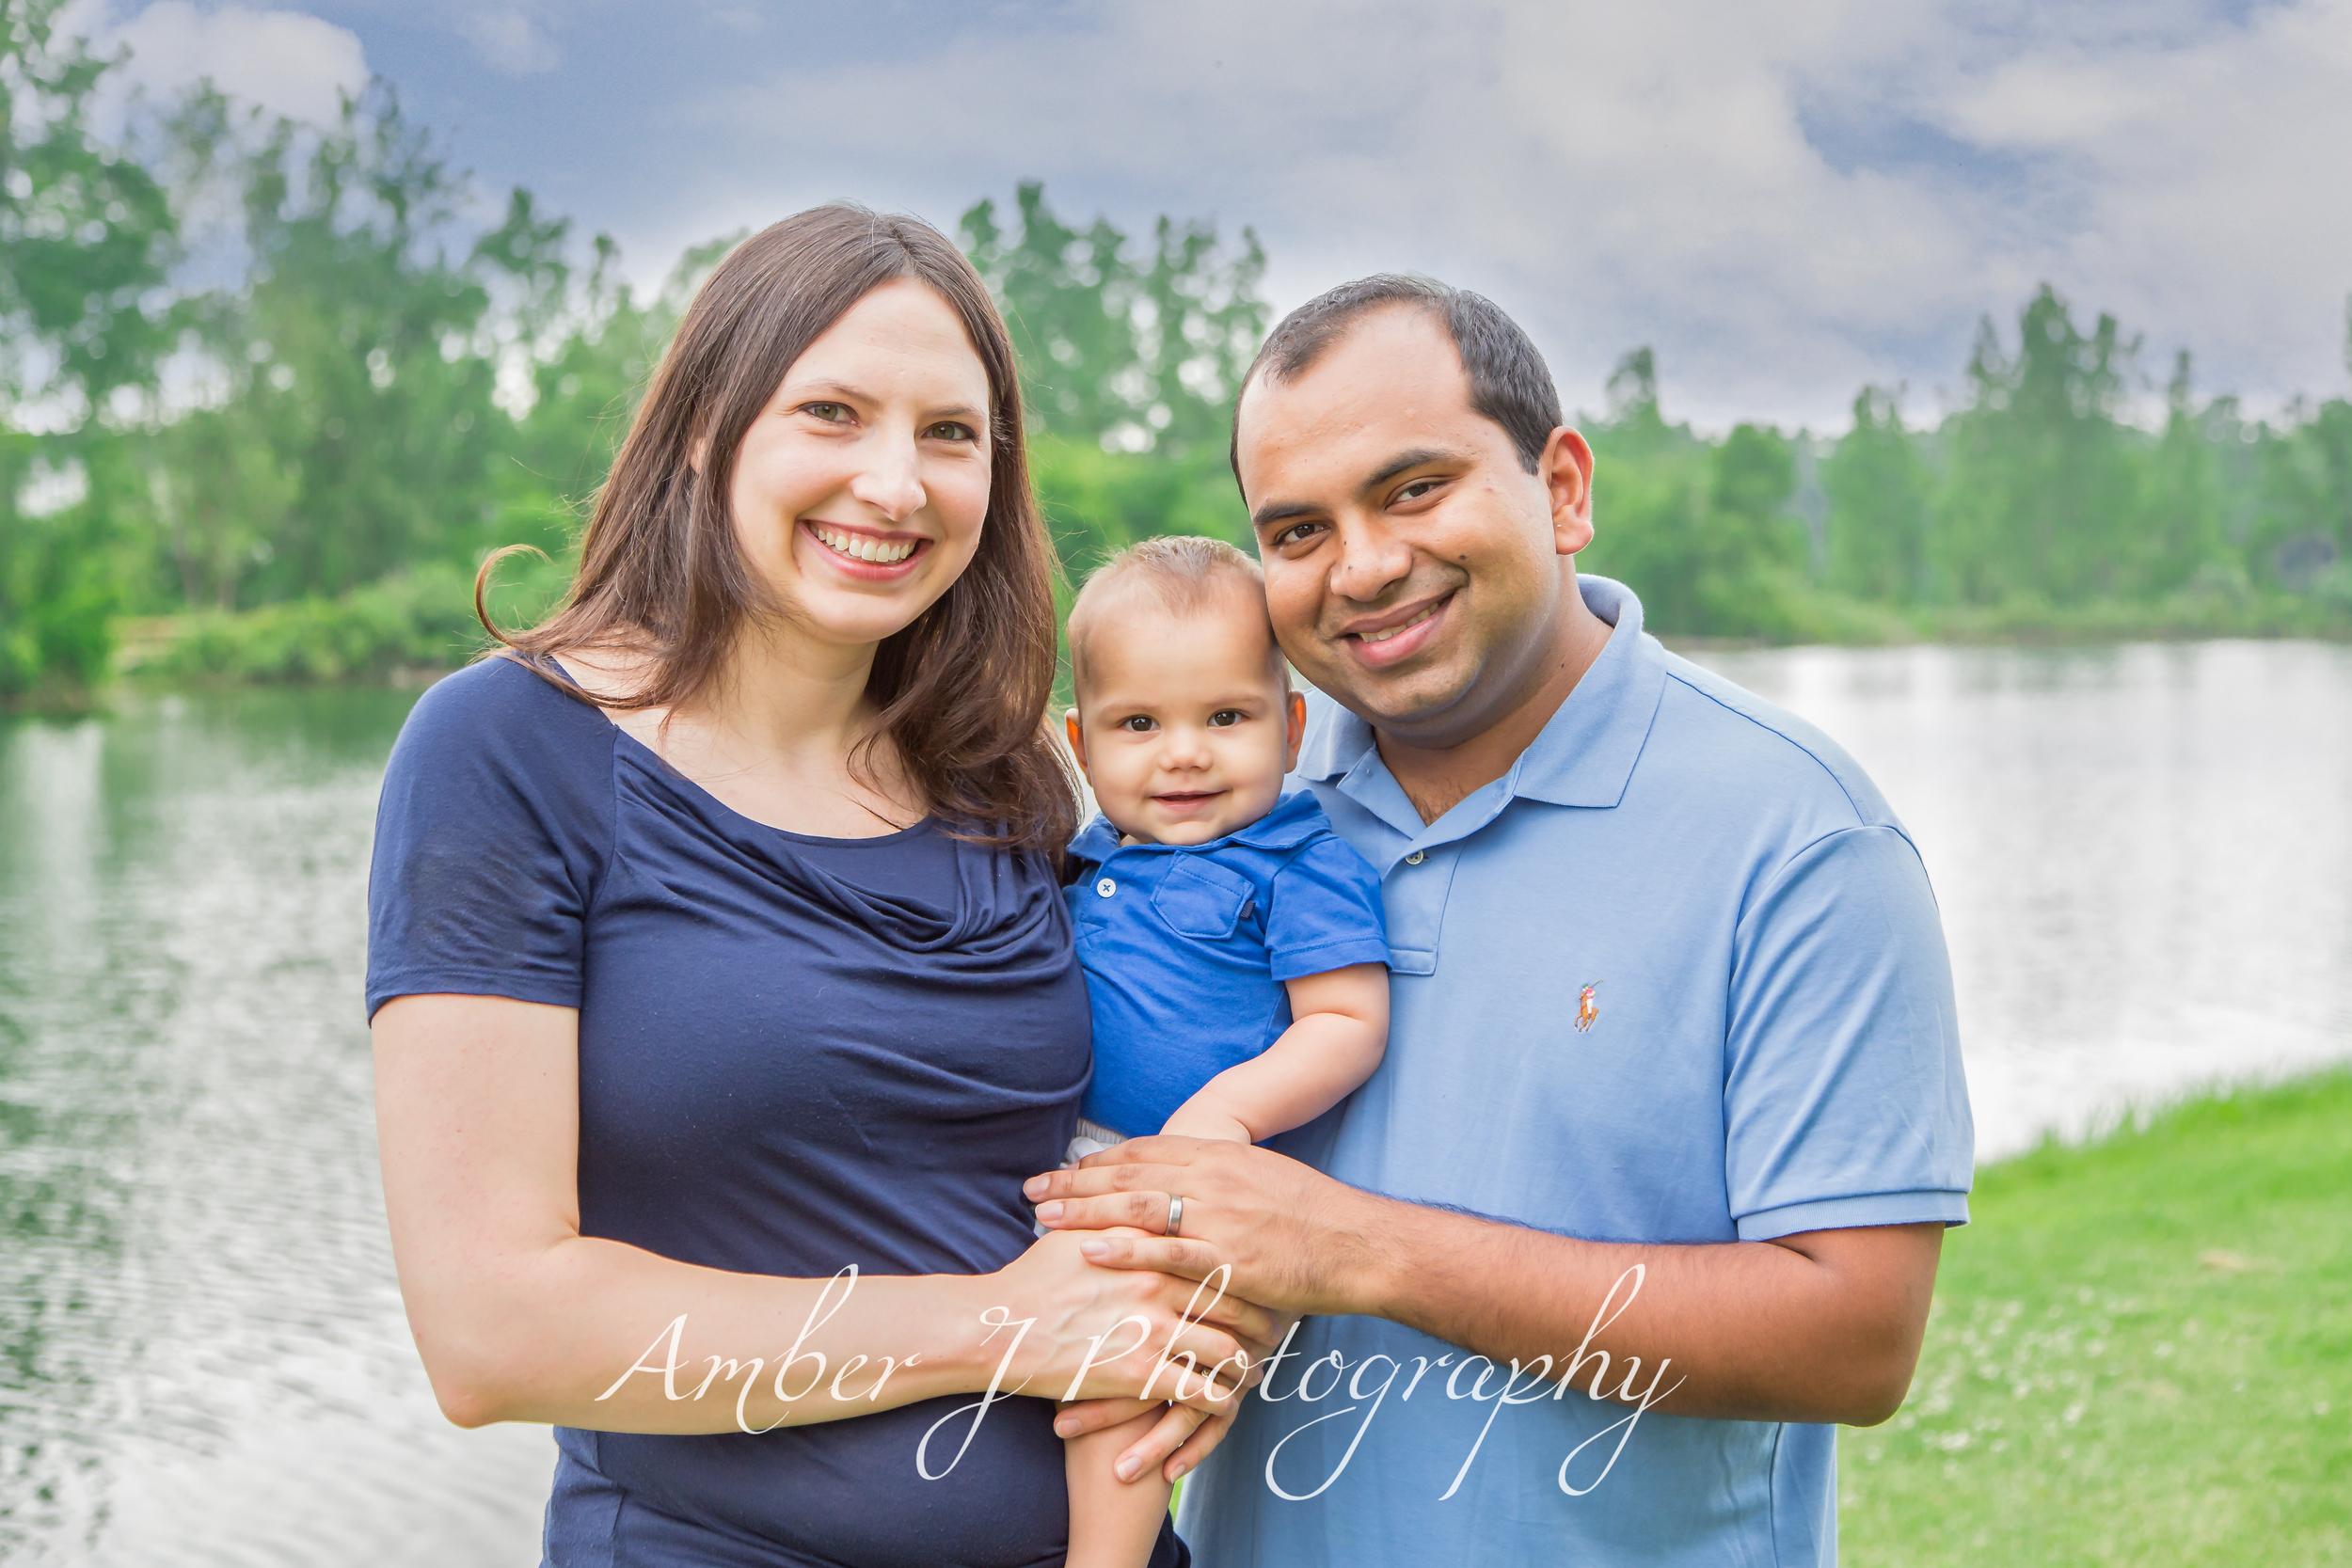 Burrfamily_amberjphotographyblog_05.jpg